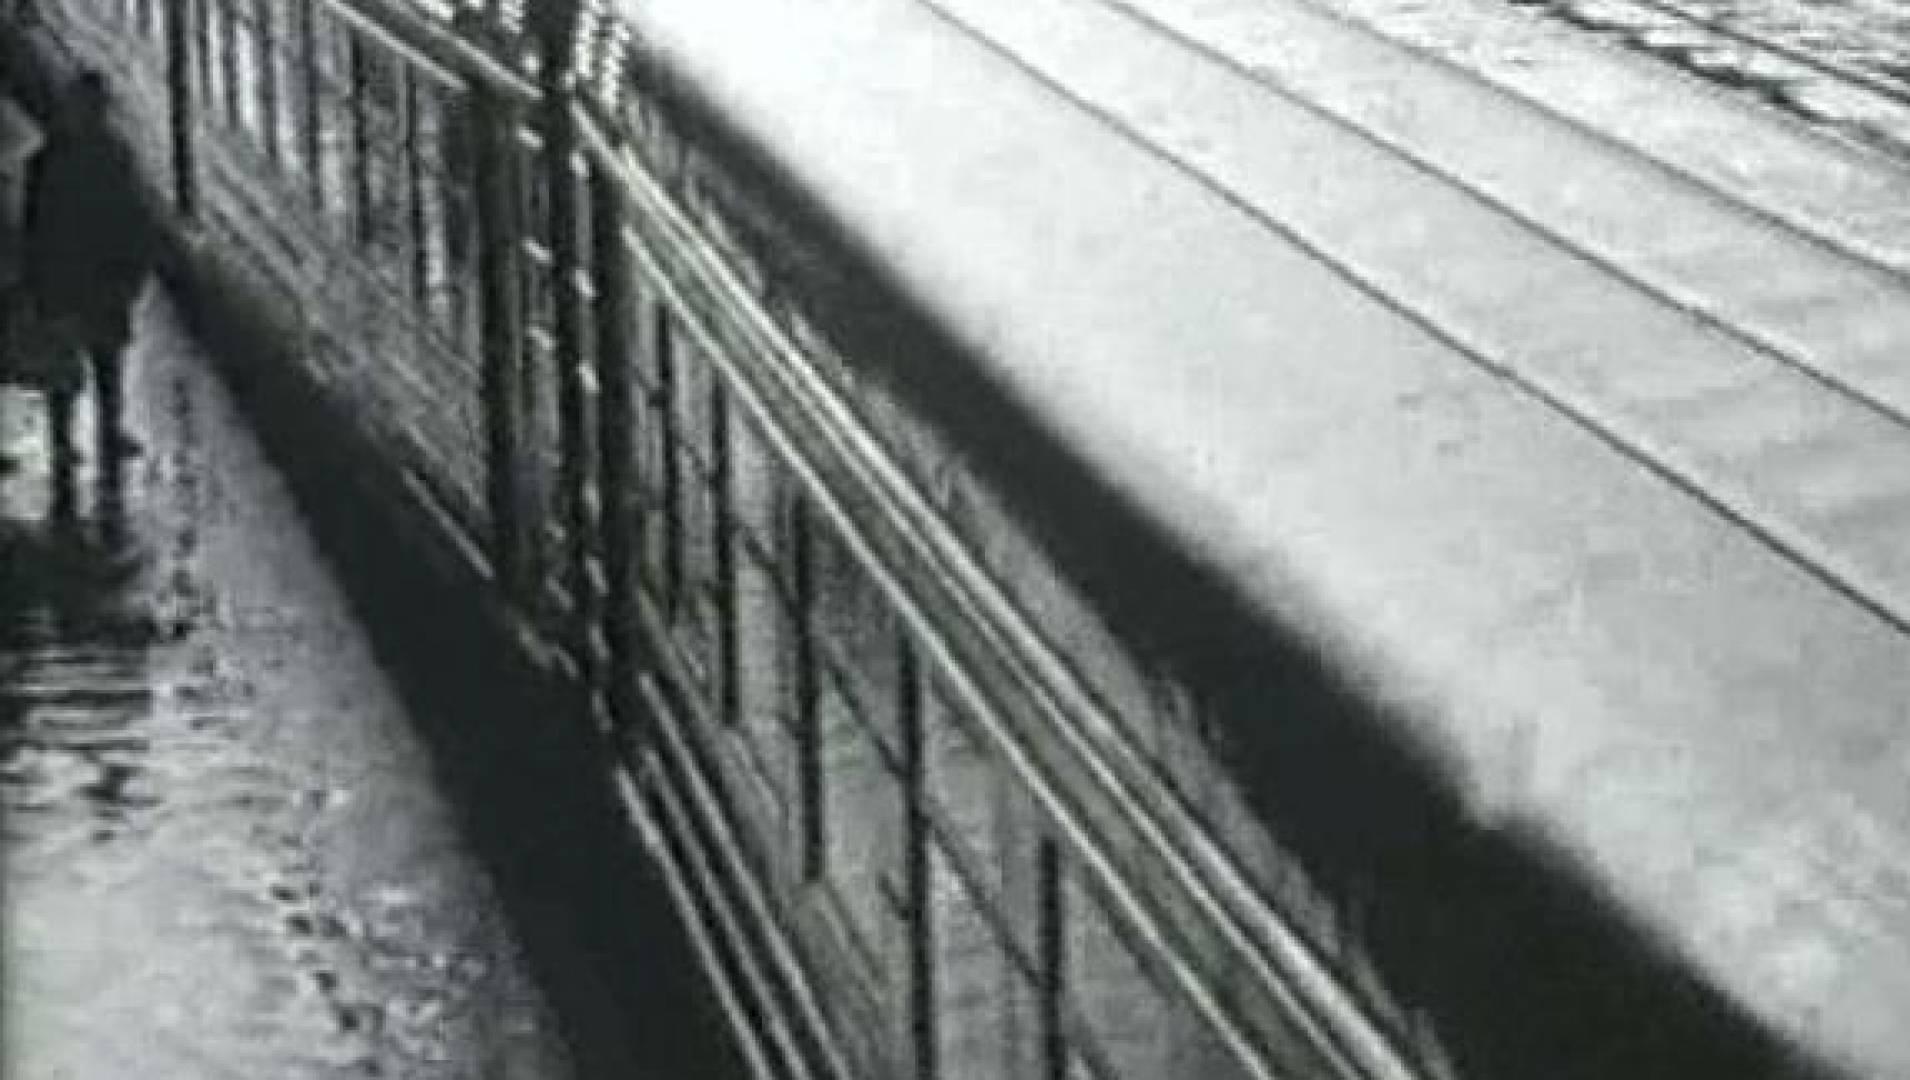 Утренние поезда - Мелодрама, Фильм